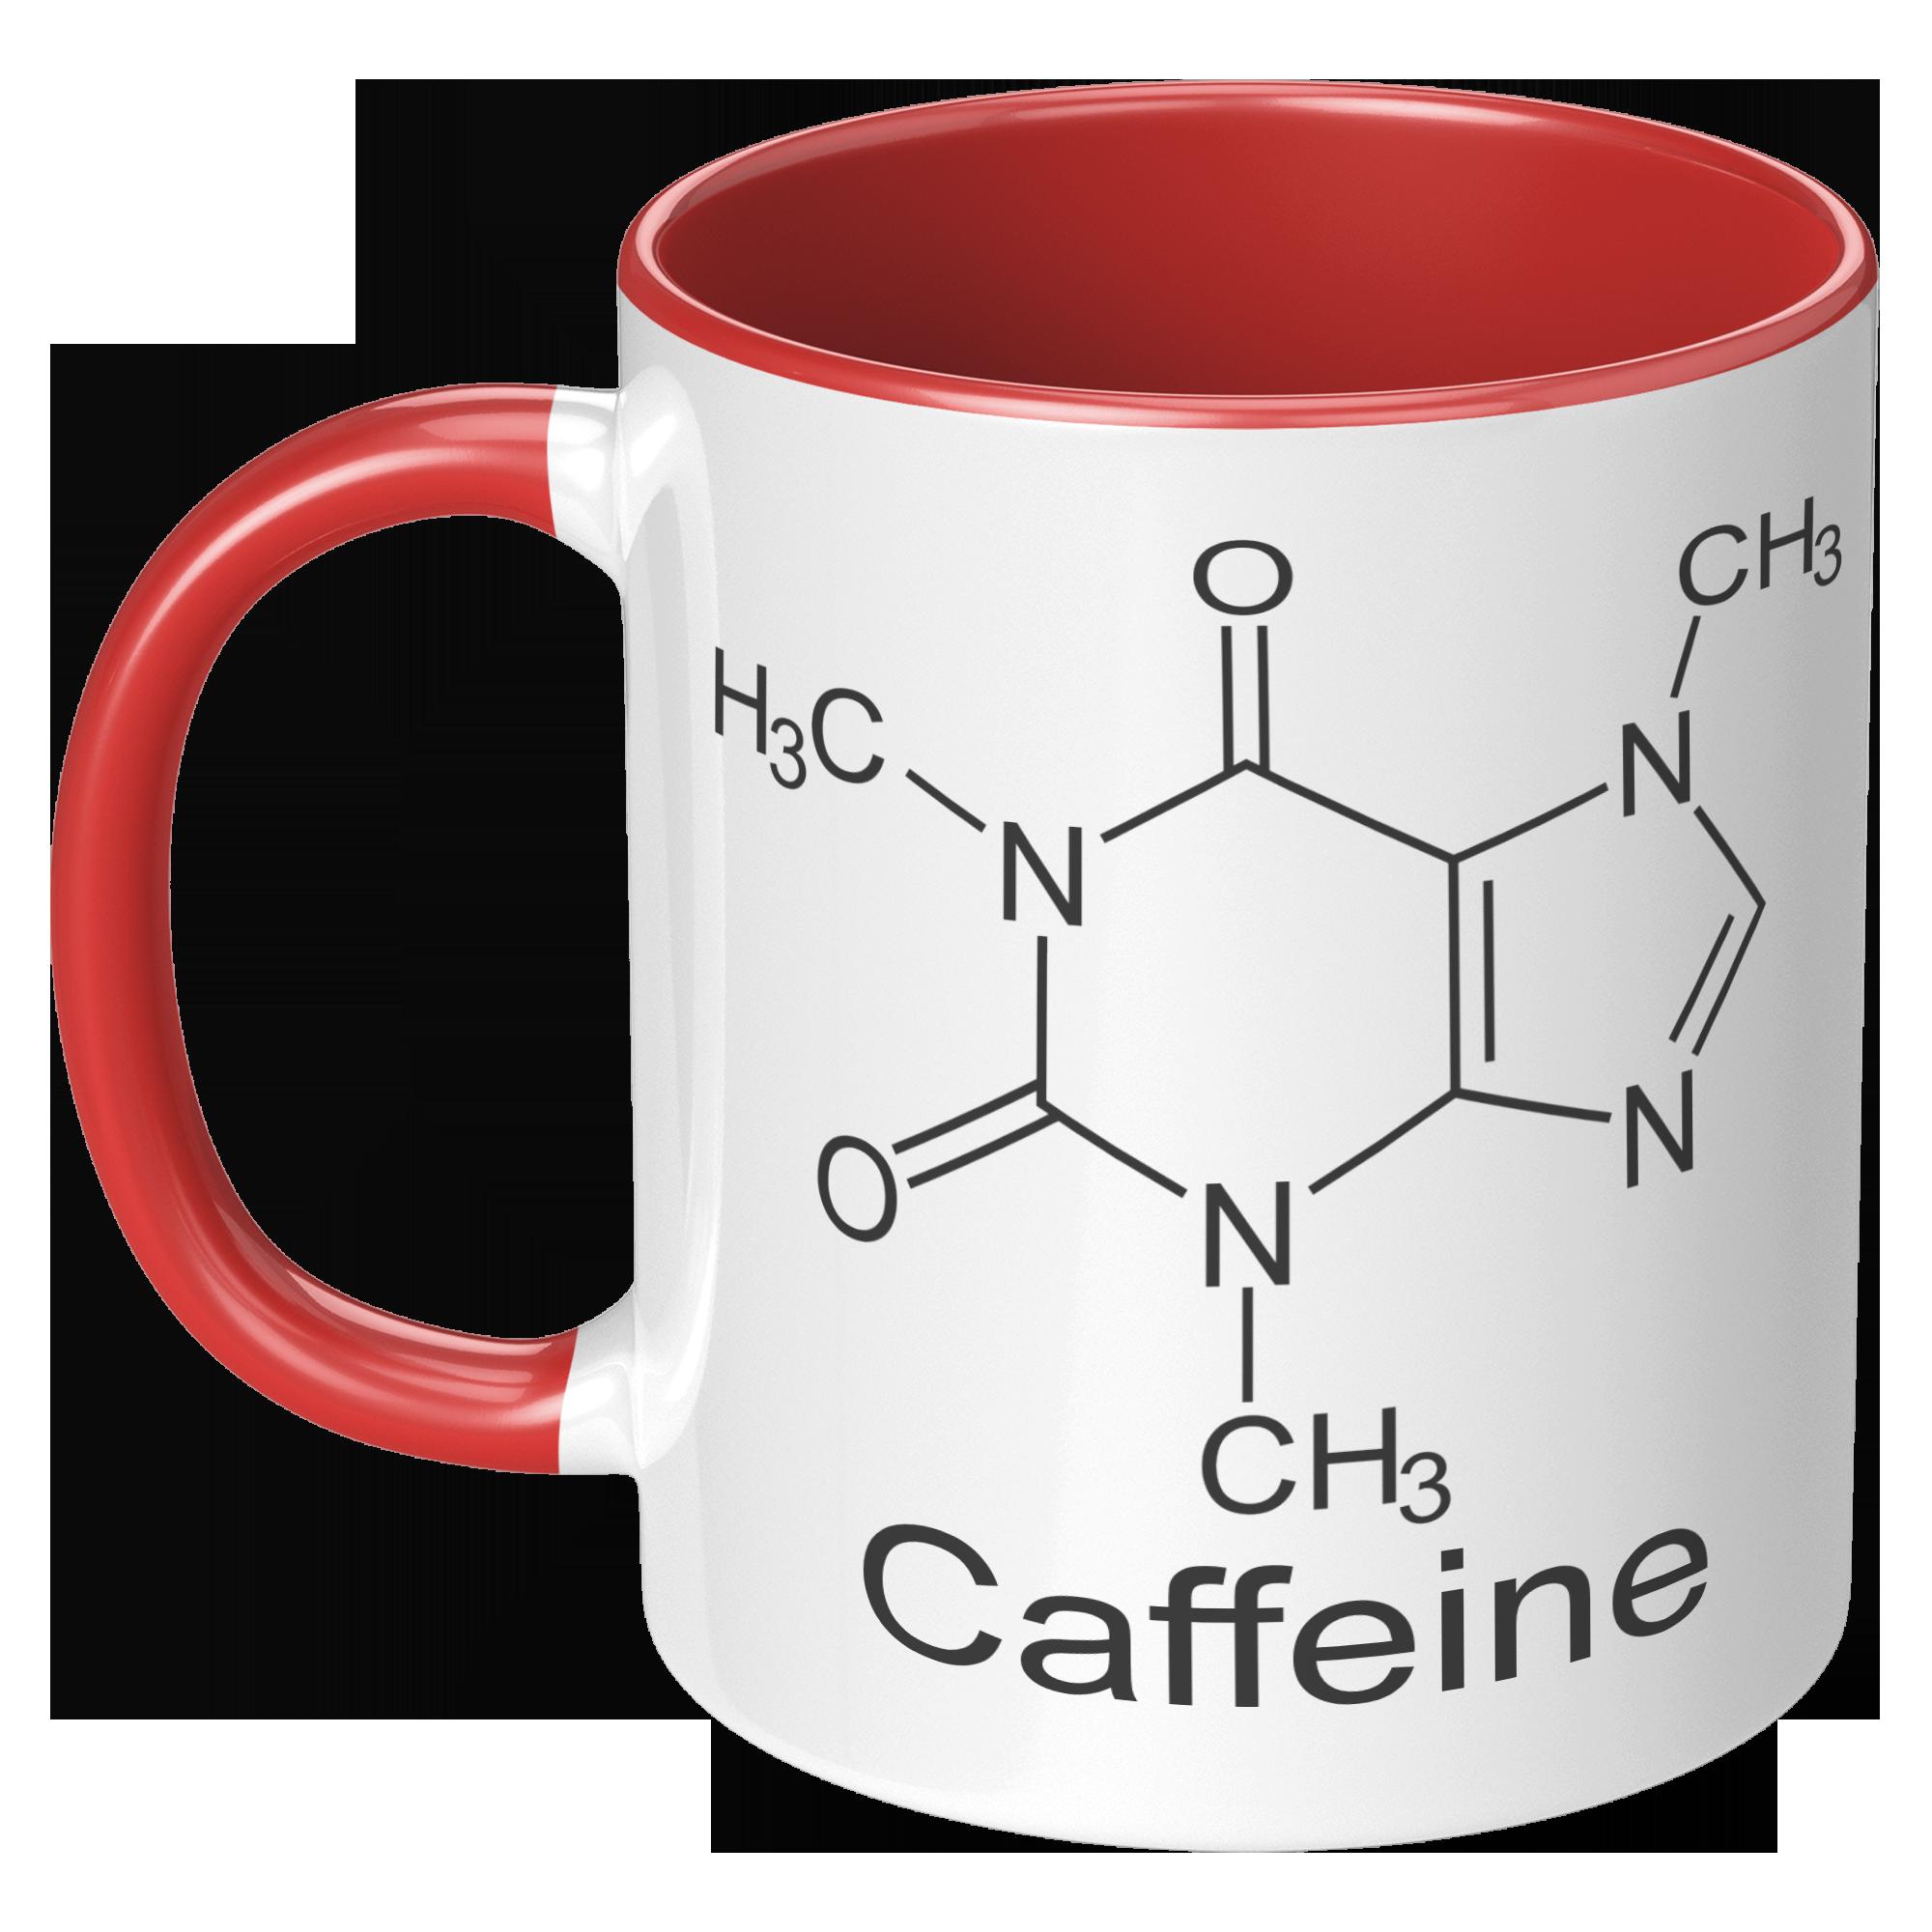 http://Caffeine%20Chemical%20Compound%20Mug